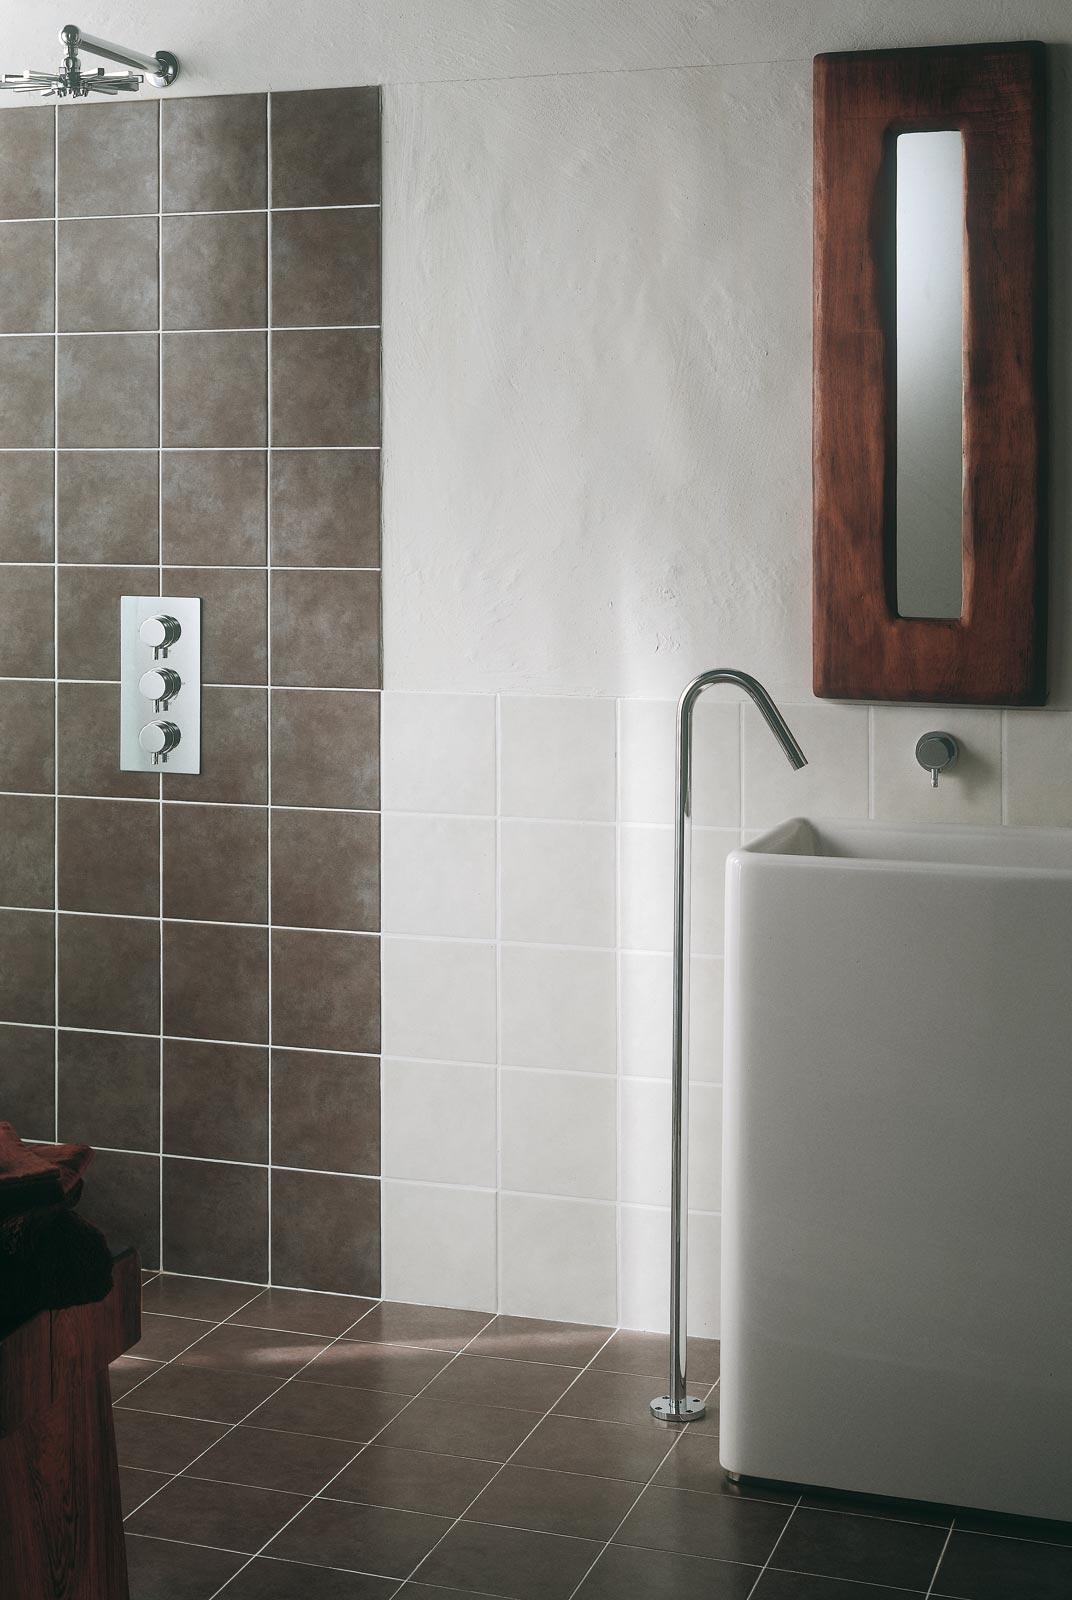 Minimal piastrelle in ceramica per ambienti bagno ragno - Piastrelle 20x20 bianche ...